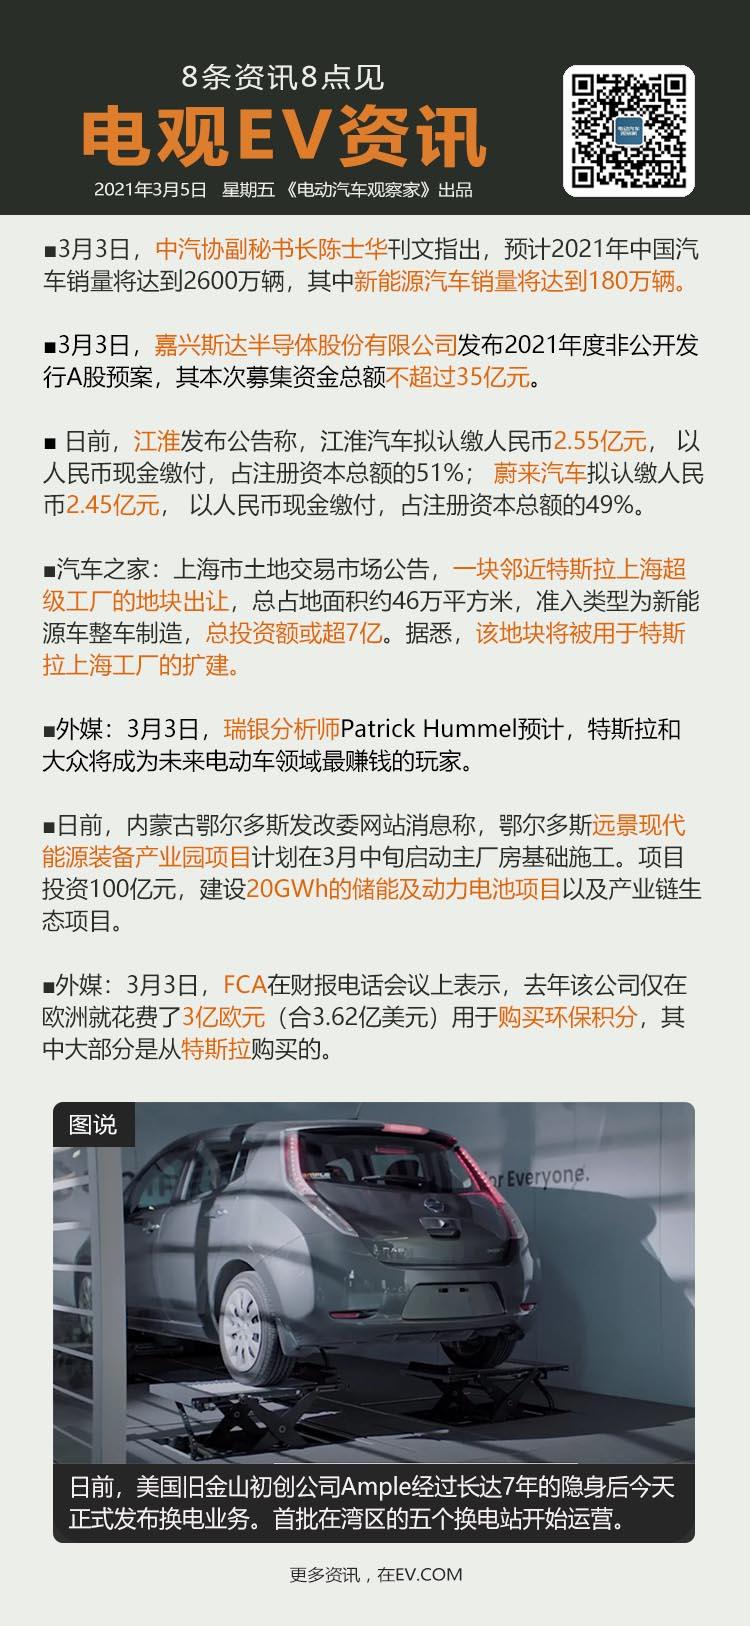 3月5日:今年中国新能源车销量或达180万辆、斯达半导募资35亿元、大众和特斯拉...